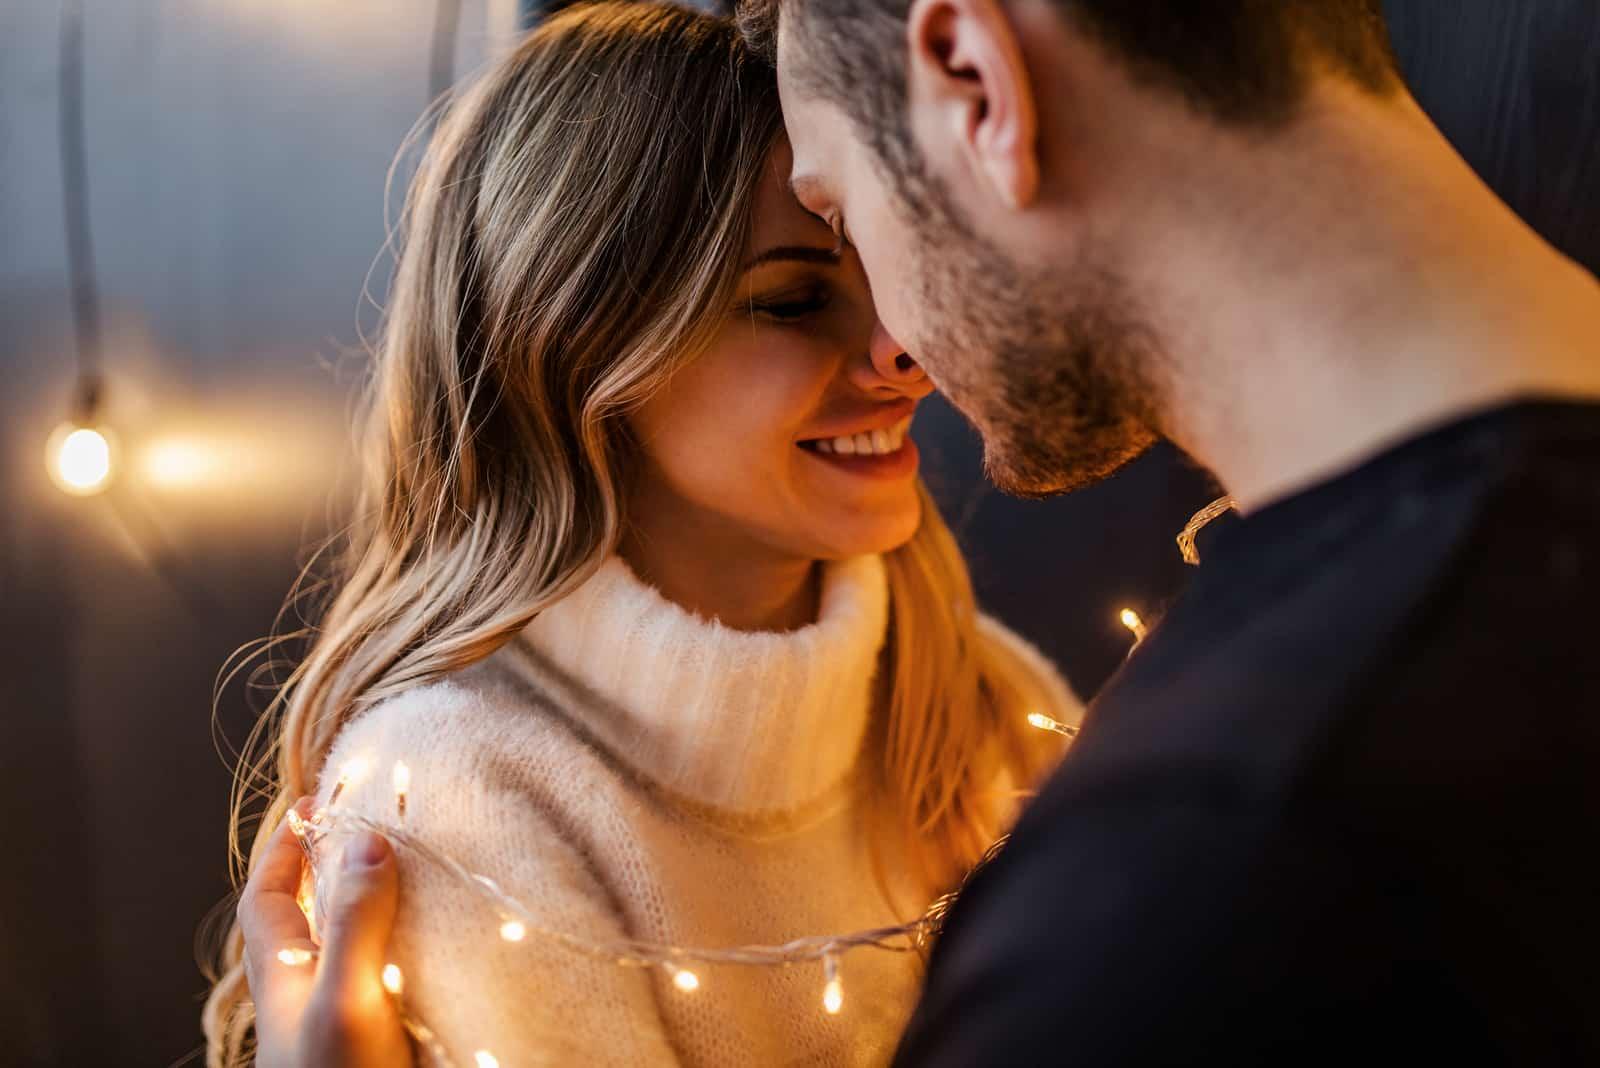 Jeune couple amoureux embrasse chacun